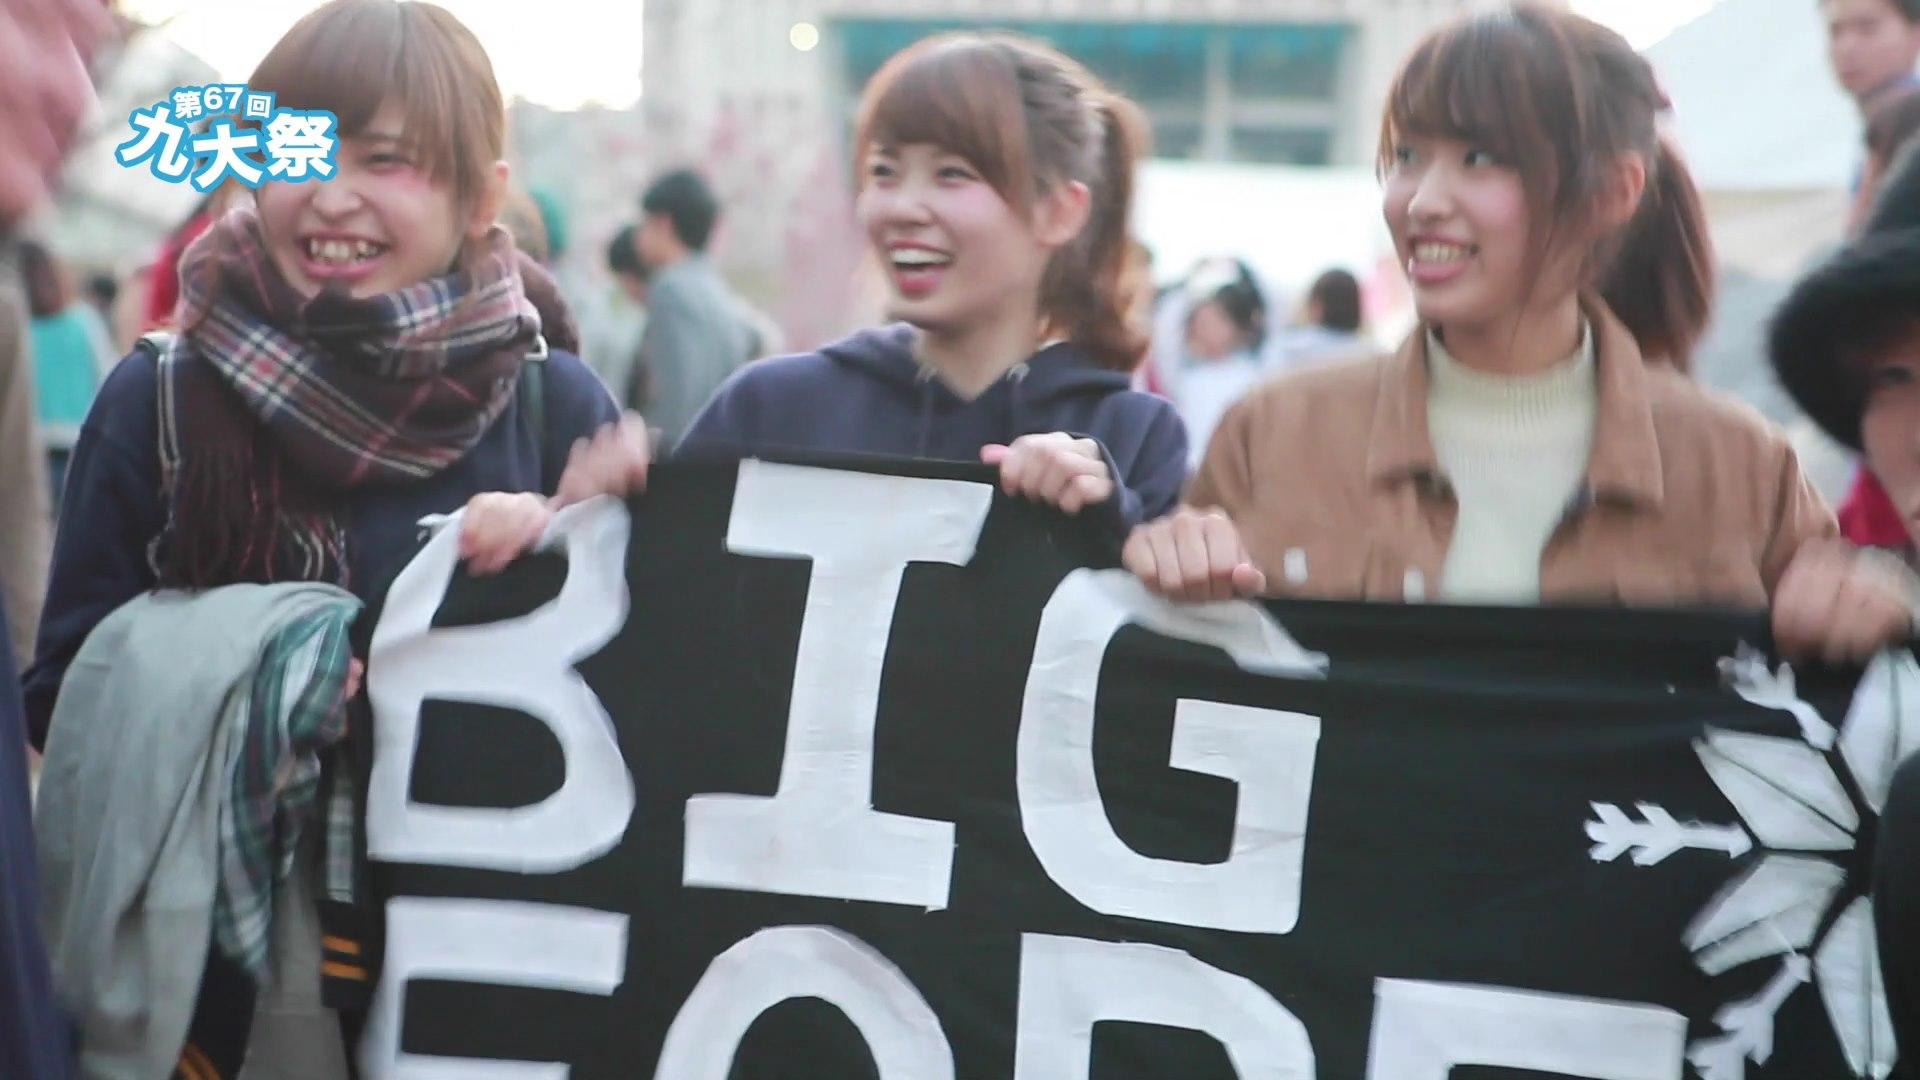 第67回 九州大学学祭.mov_000415131